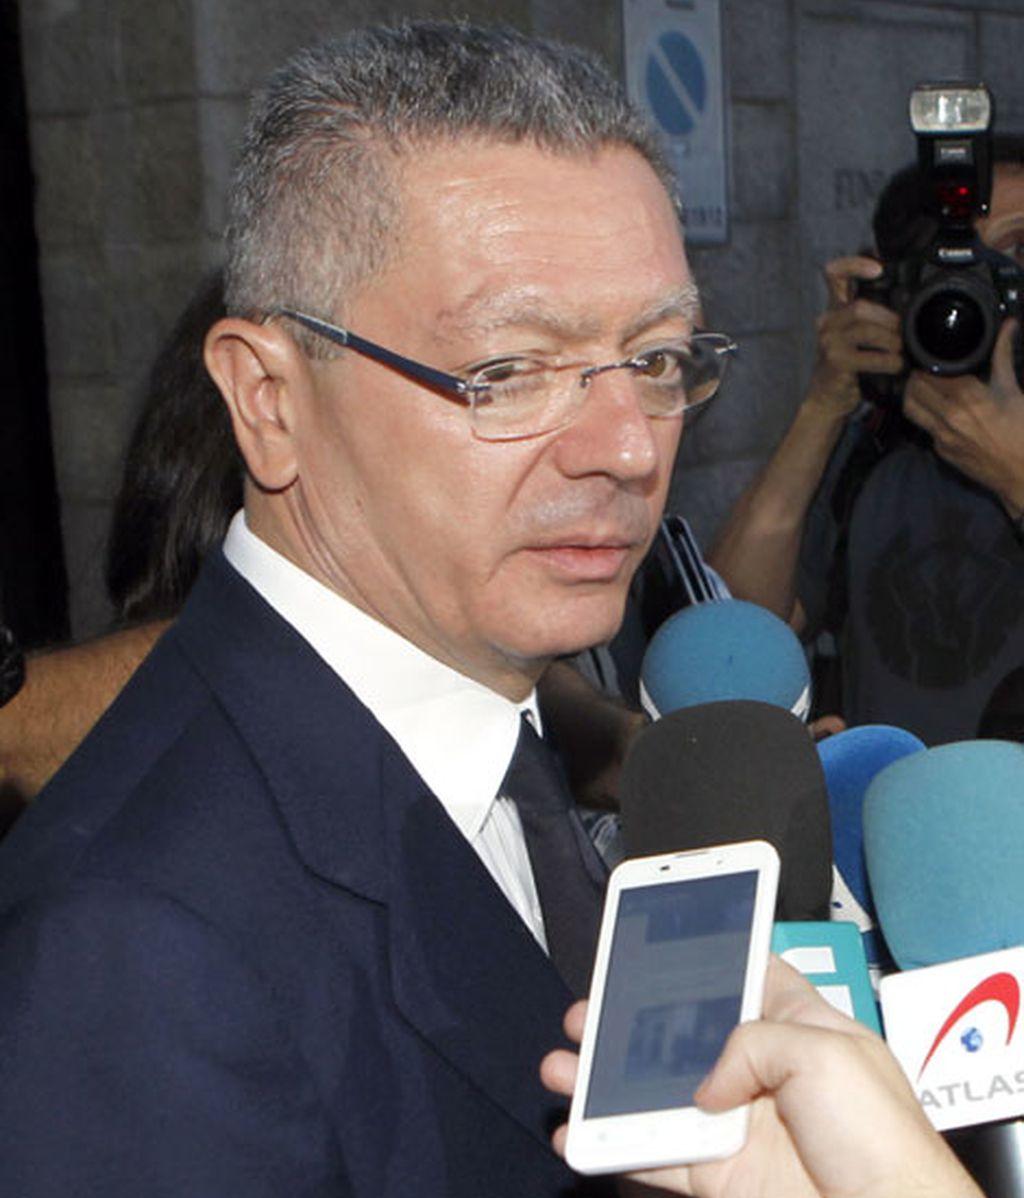 Alberto Ruíz Gallardón dedicó unas palabras de cariño a Álvarez ante los medios